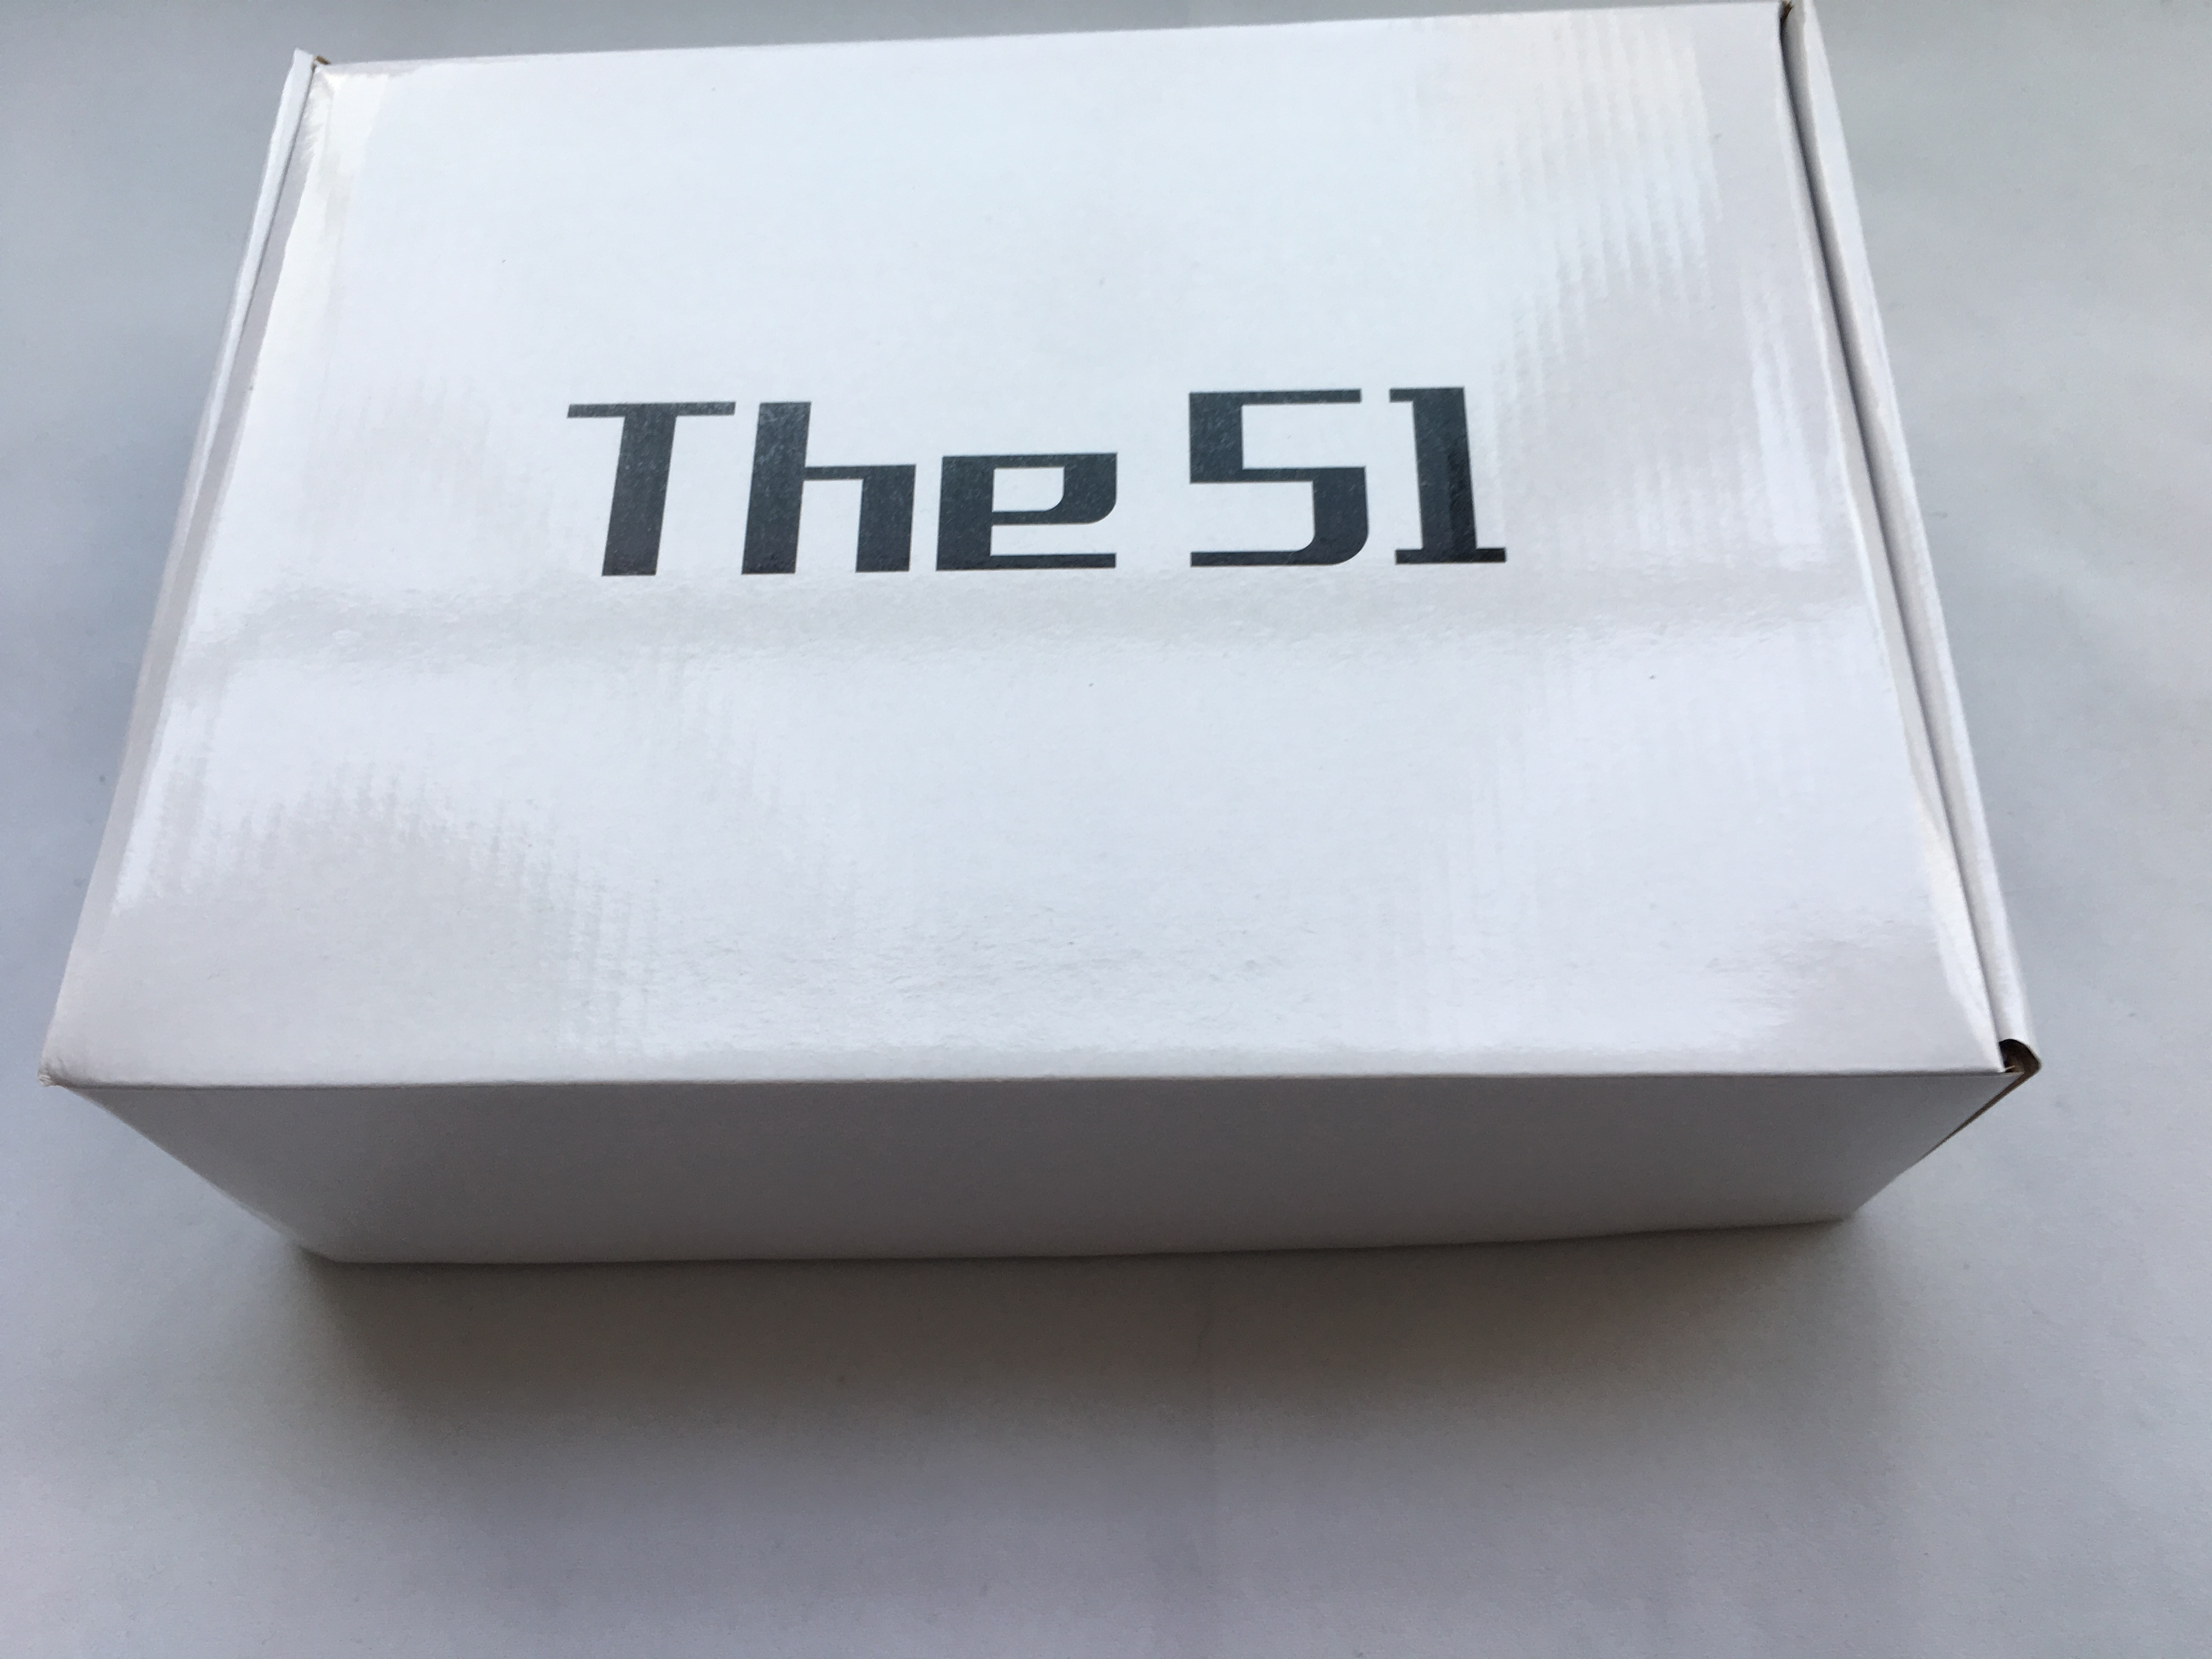 20181122_081319825_iOS.jpg